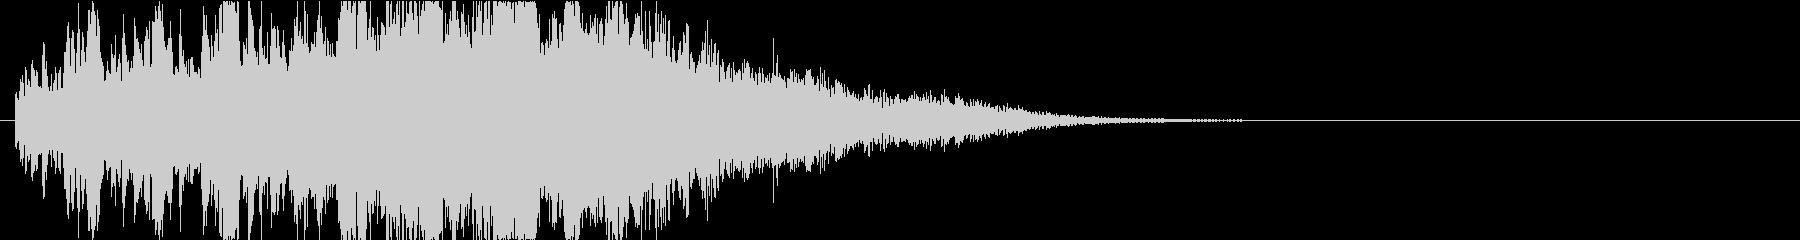 キラキラピカピカロゴ表示エレクトロニックの未再生の波形